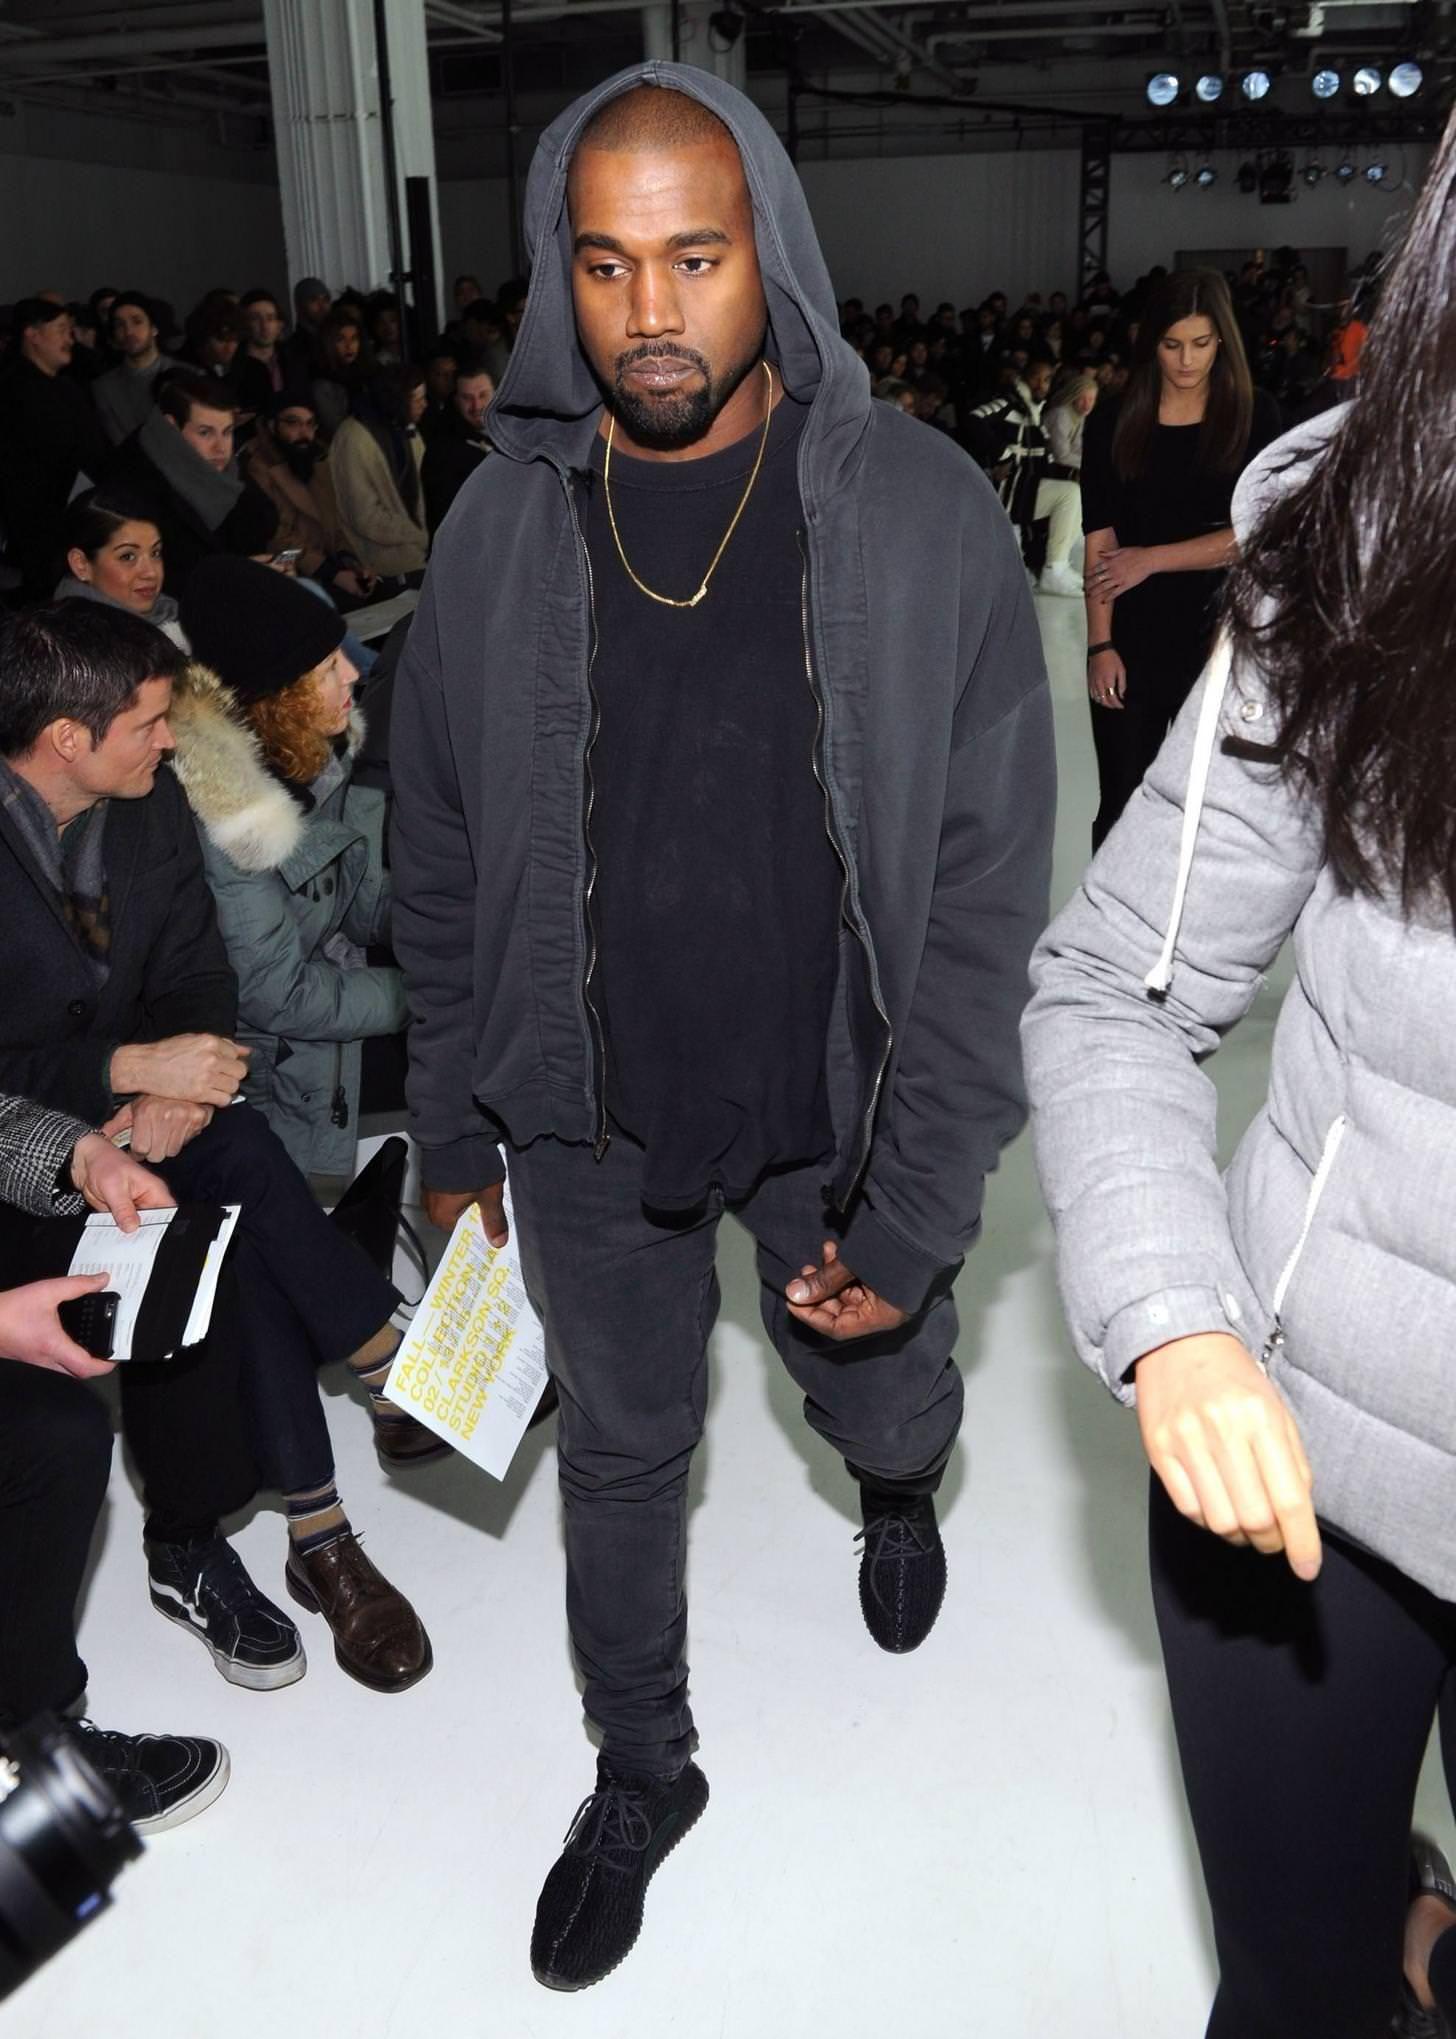 Inspo Kanye West Kanye West Style Kanye West Outfits Yeezy Fashion